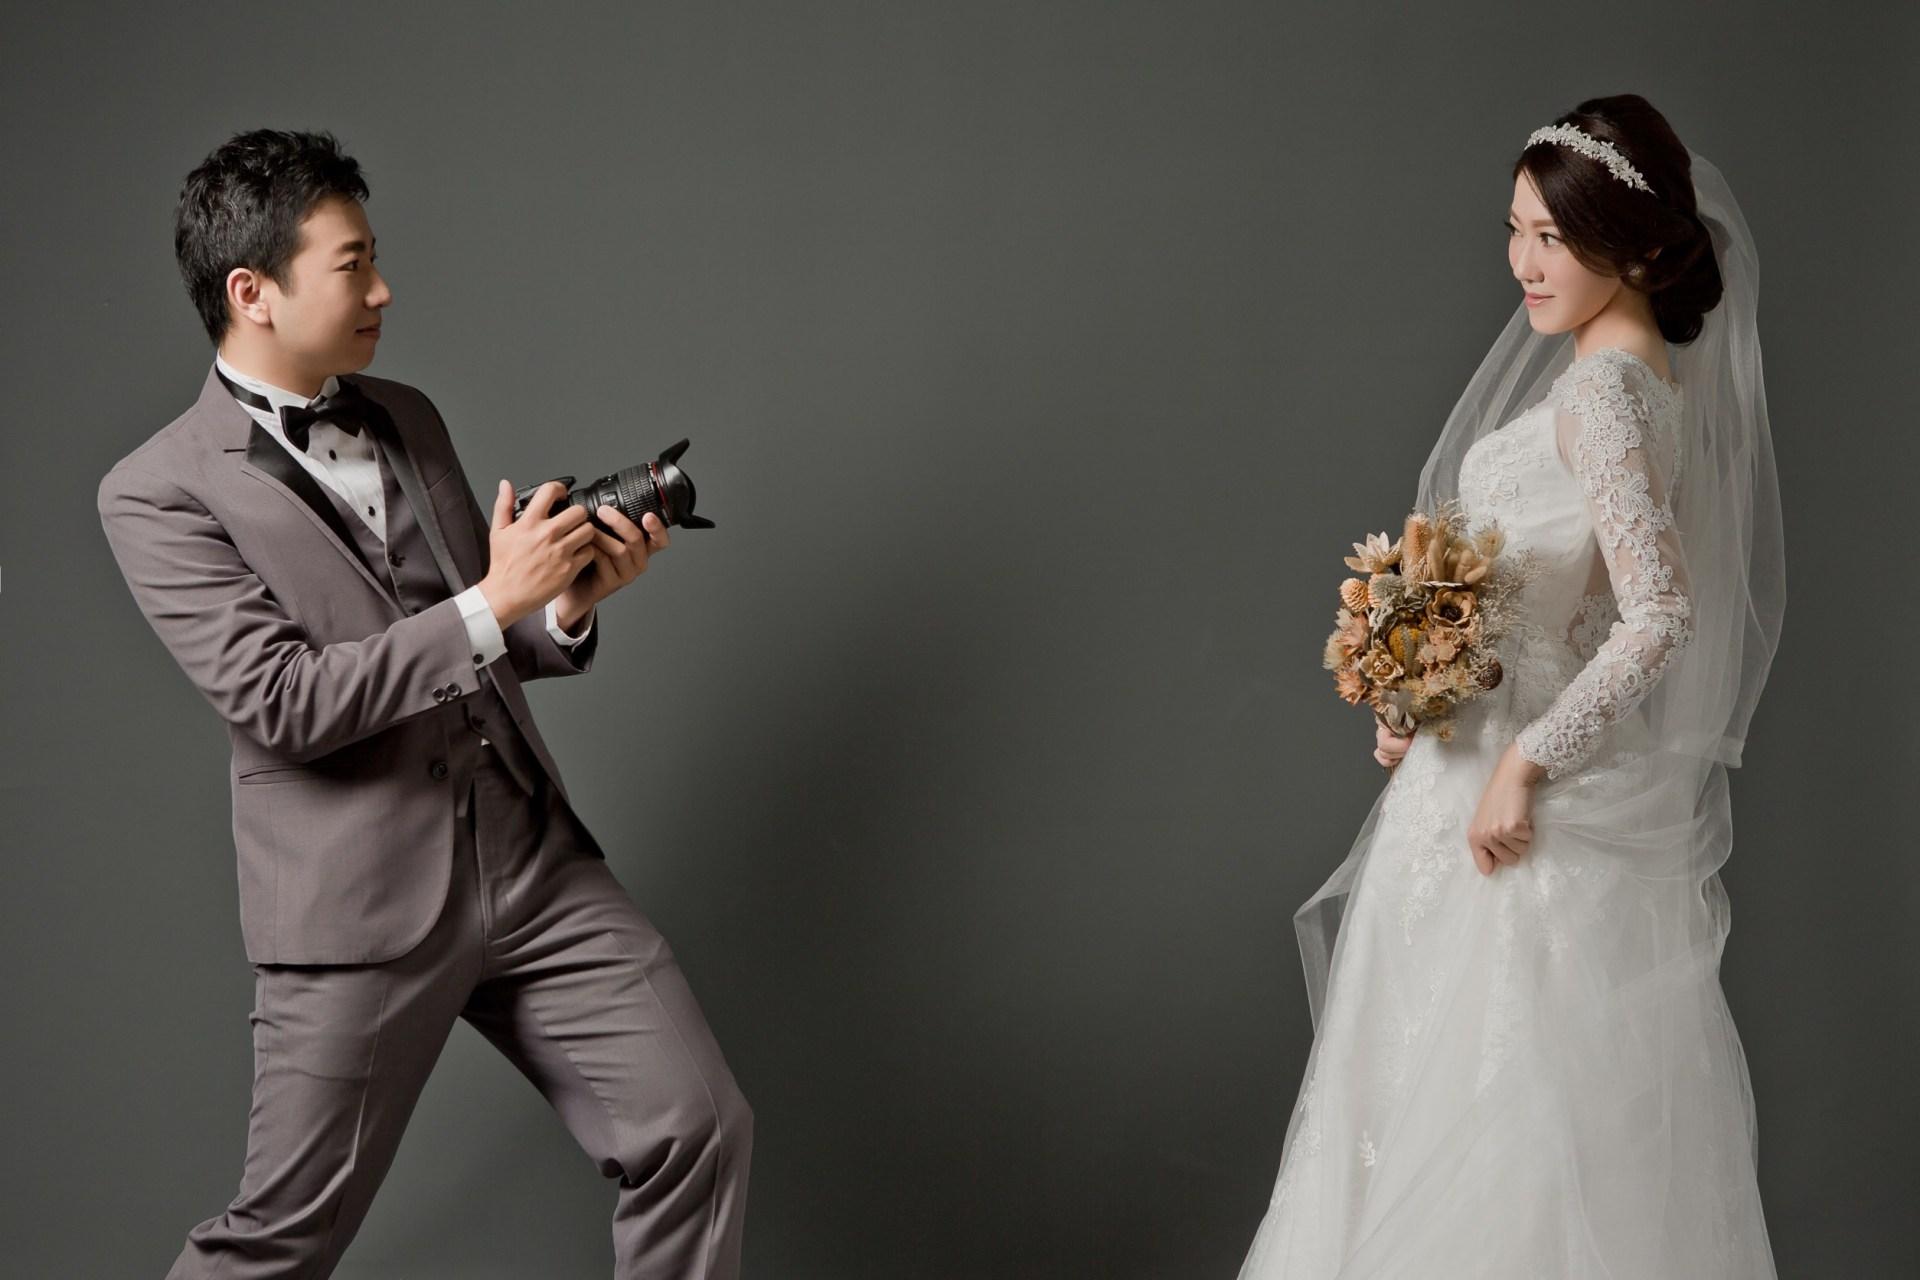 台北新秘 推薦,婚紗攝影